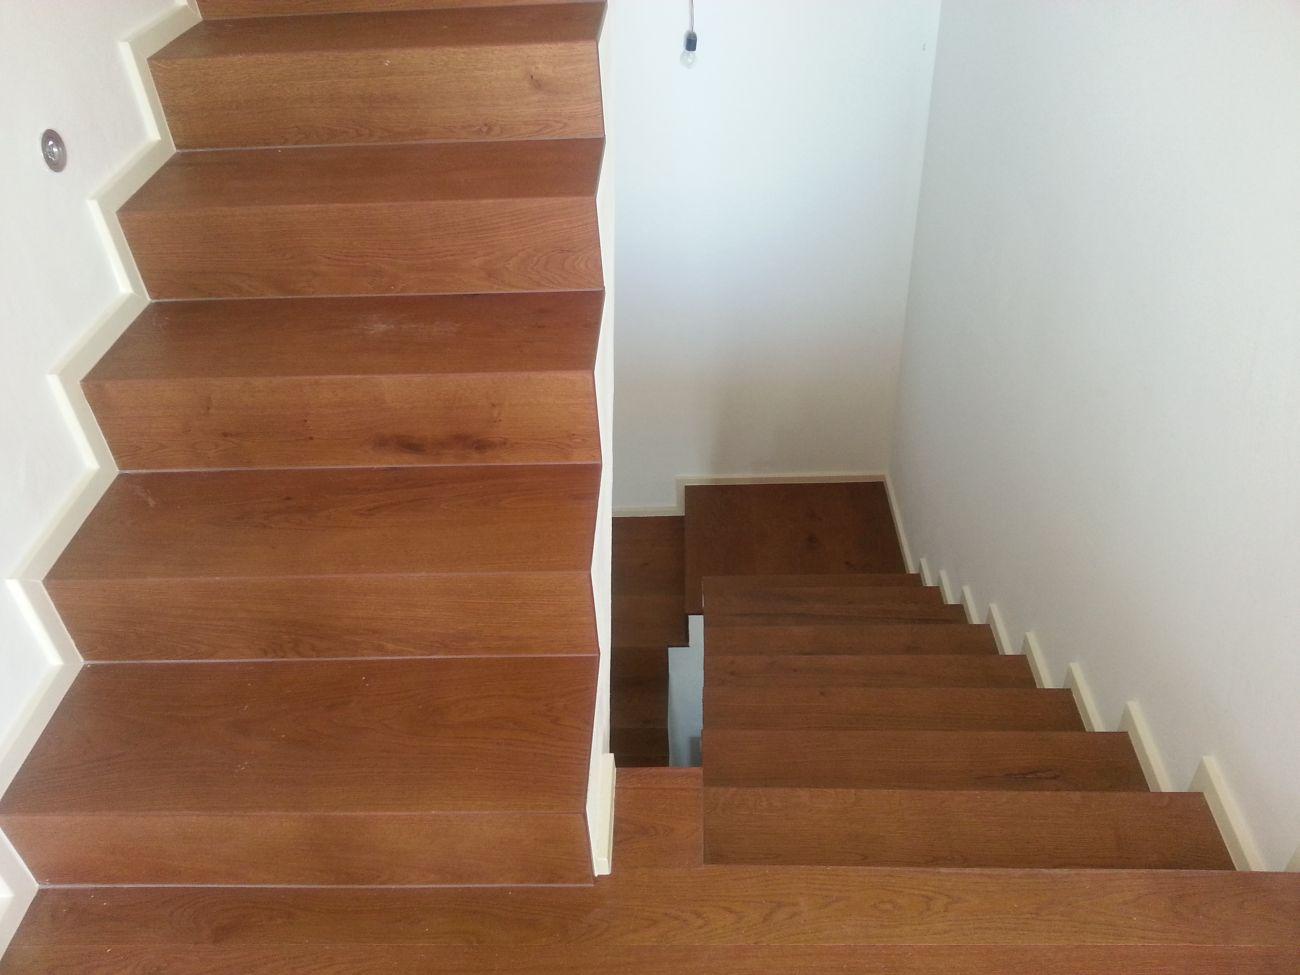 parquet per rivestimenti e scale by Soriano pavimenti Induno Olona  42